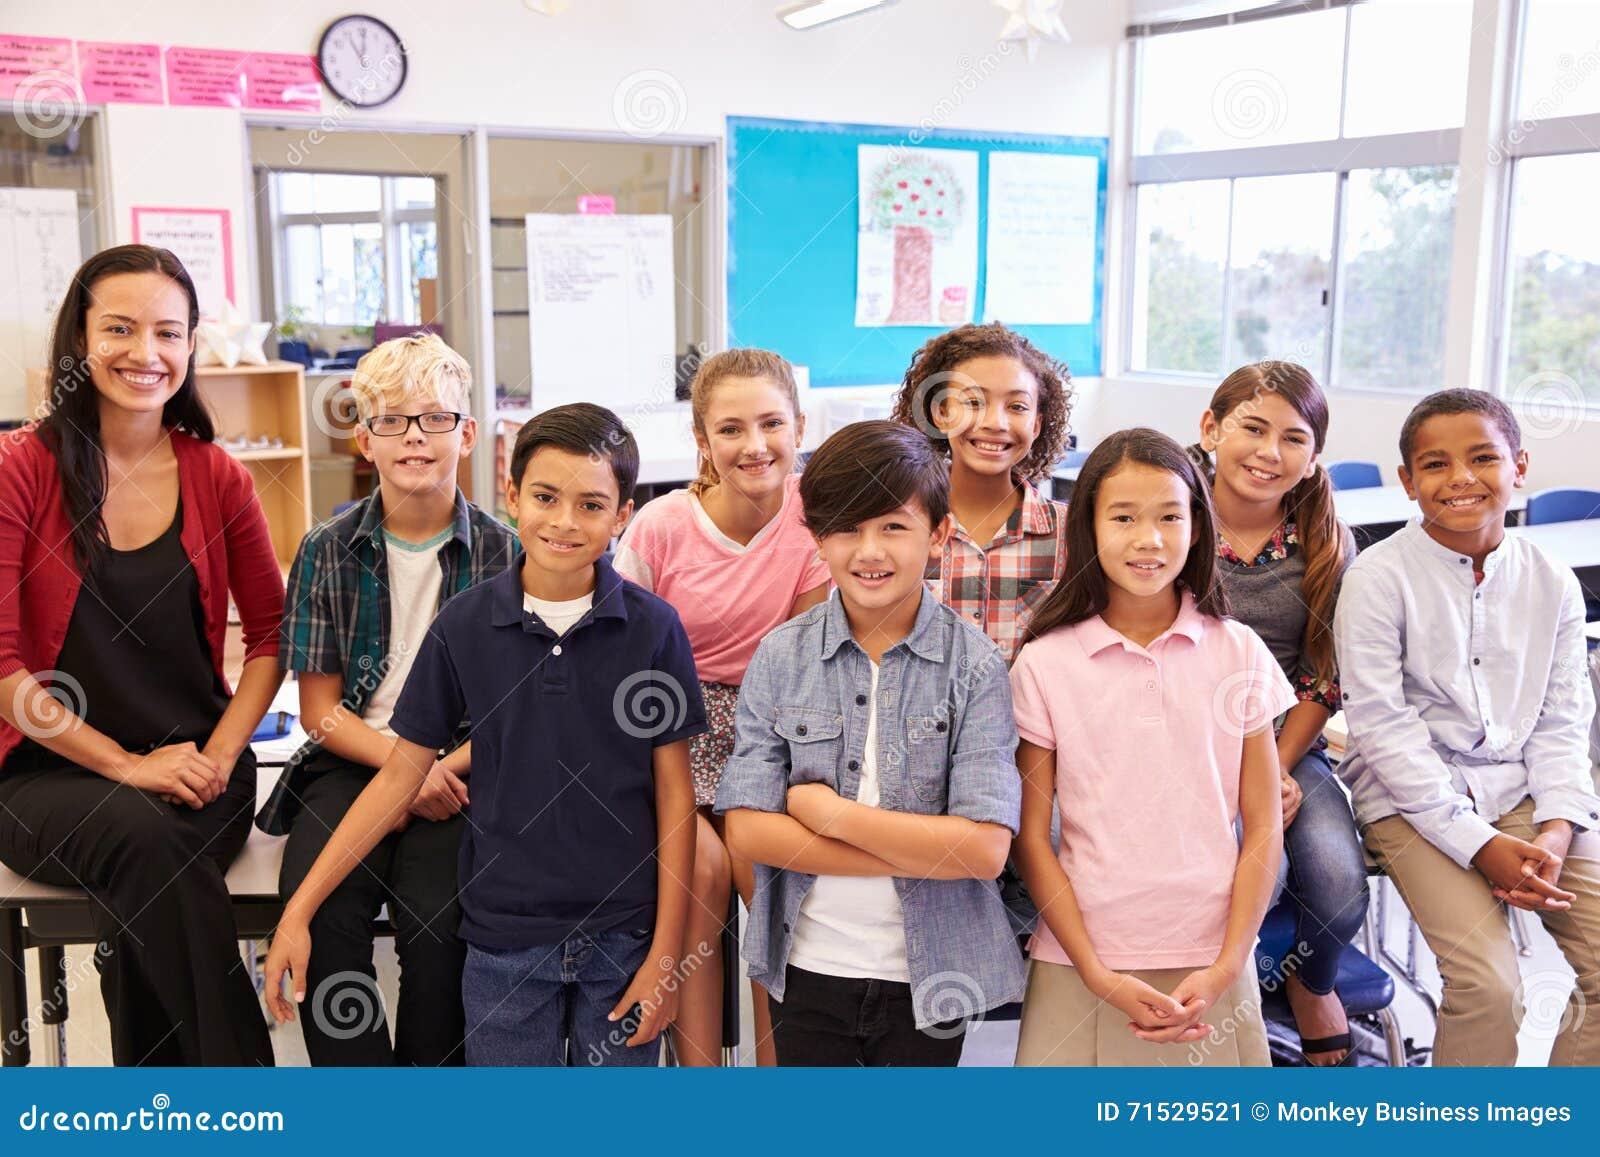 Basisschoolleraar en haar leerlingen in klaslokaal